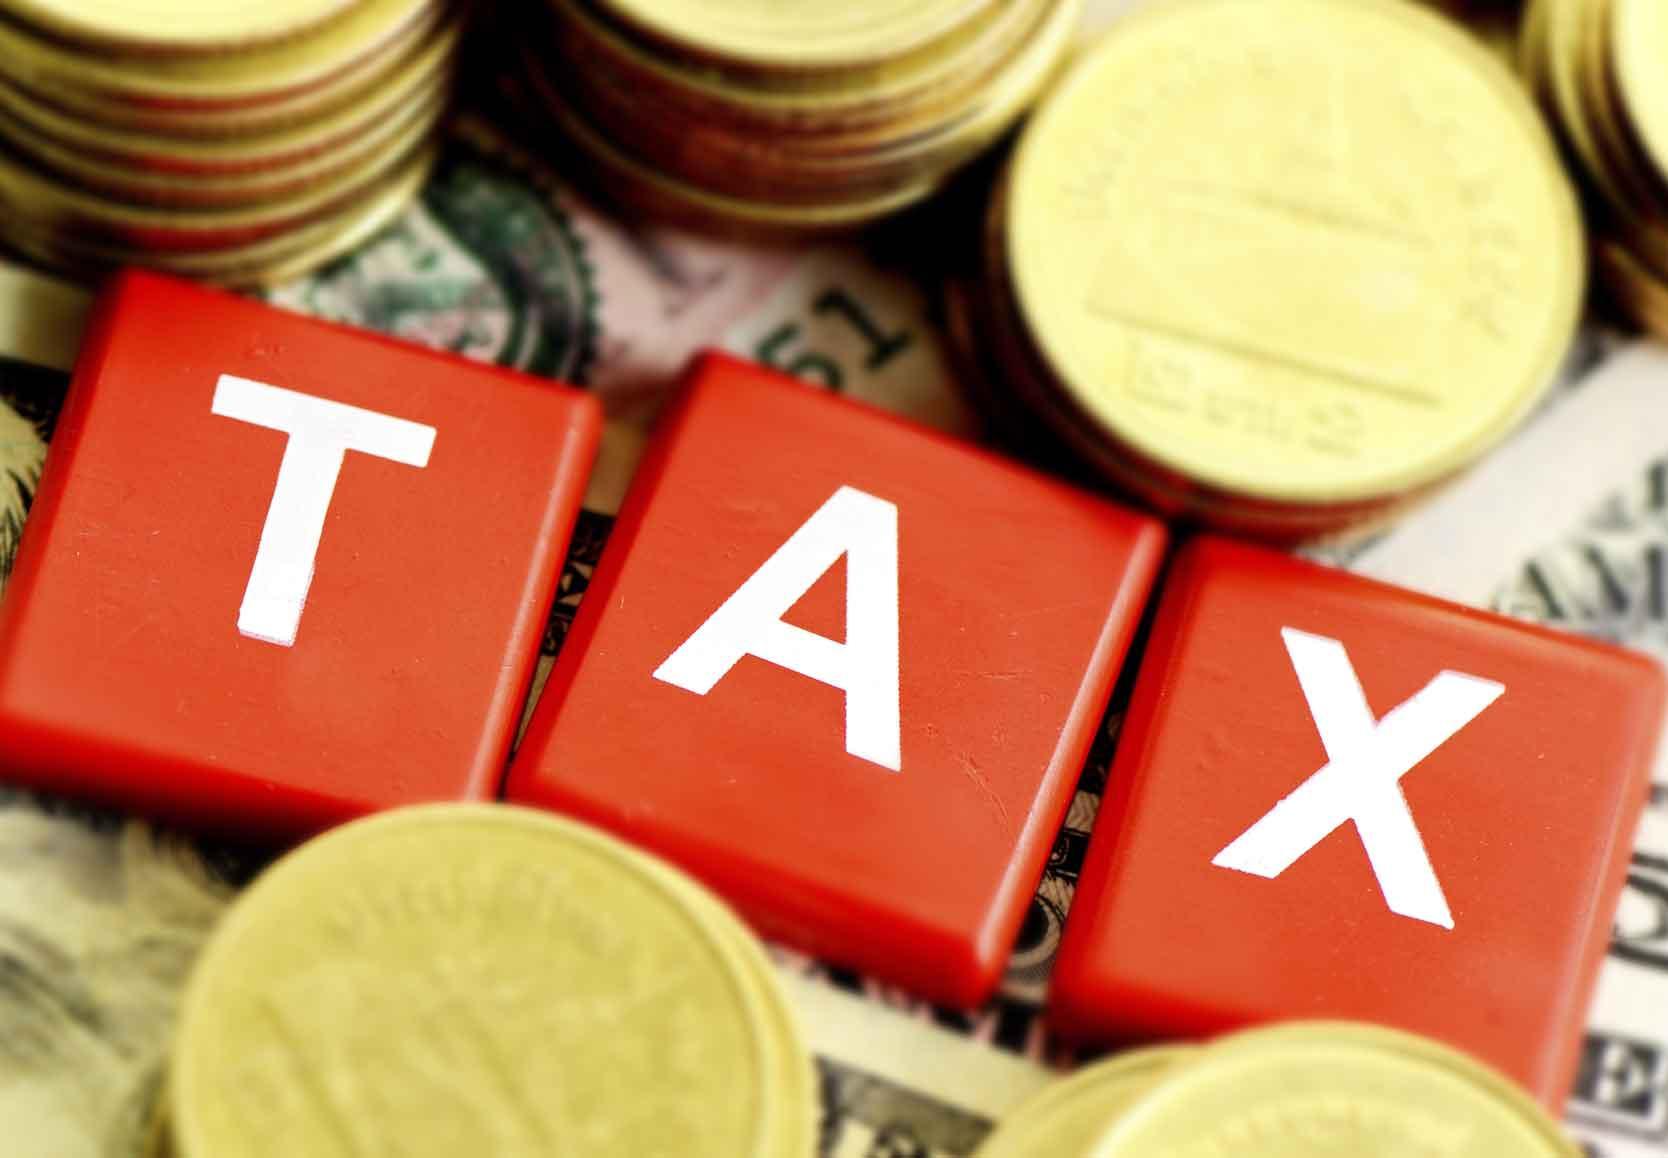 Cá nhân có 2 mã số thuế, xử lý như thế nào?